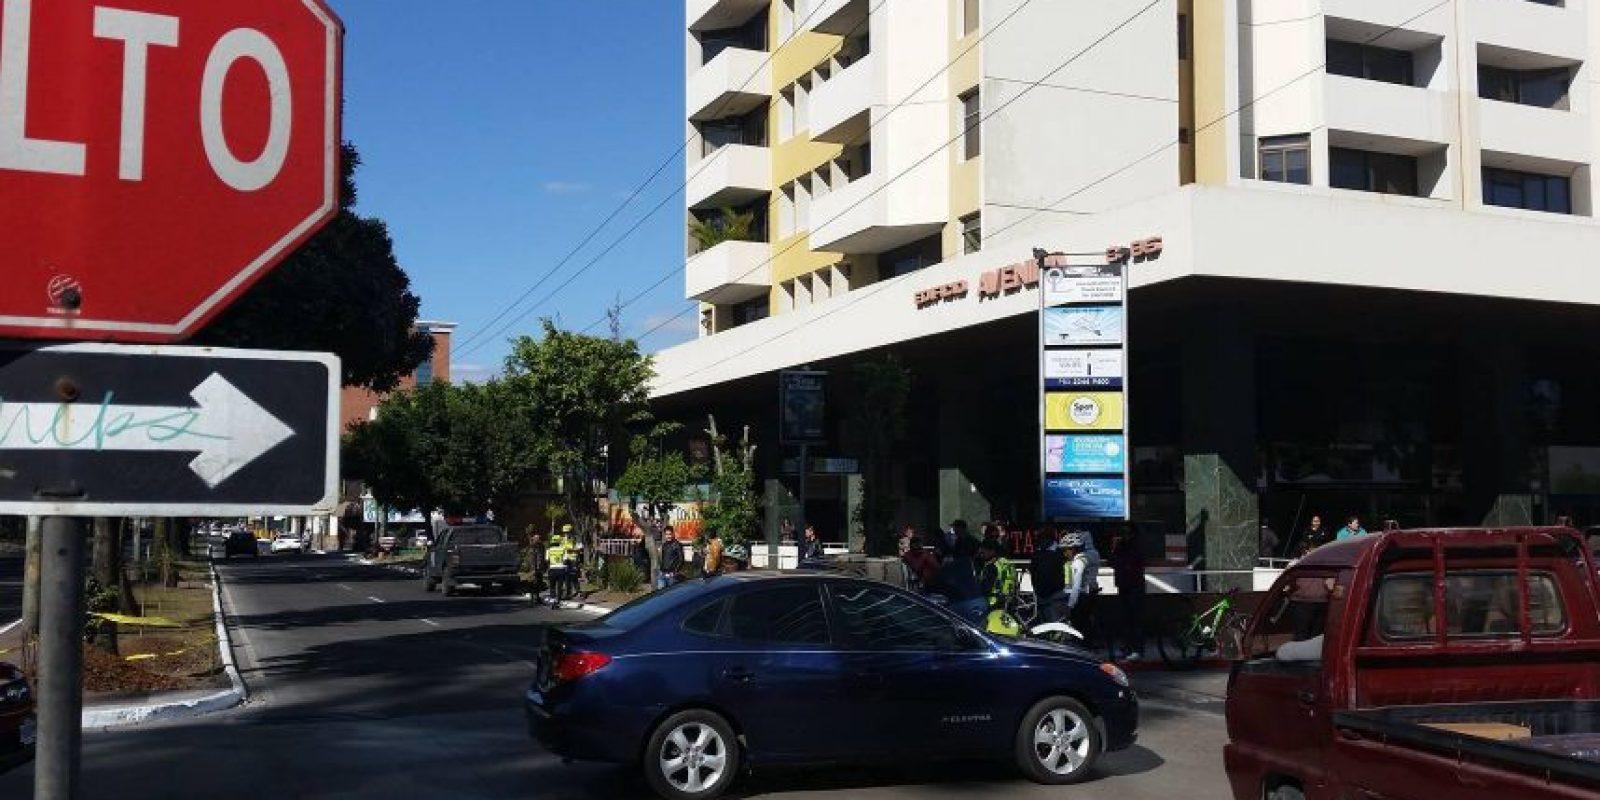 El choque en la Avenida Reforma generó caos vial. Foto:Publinews